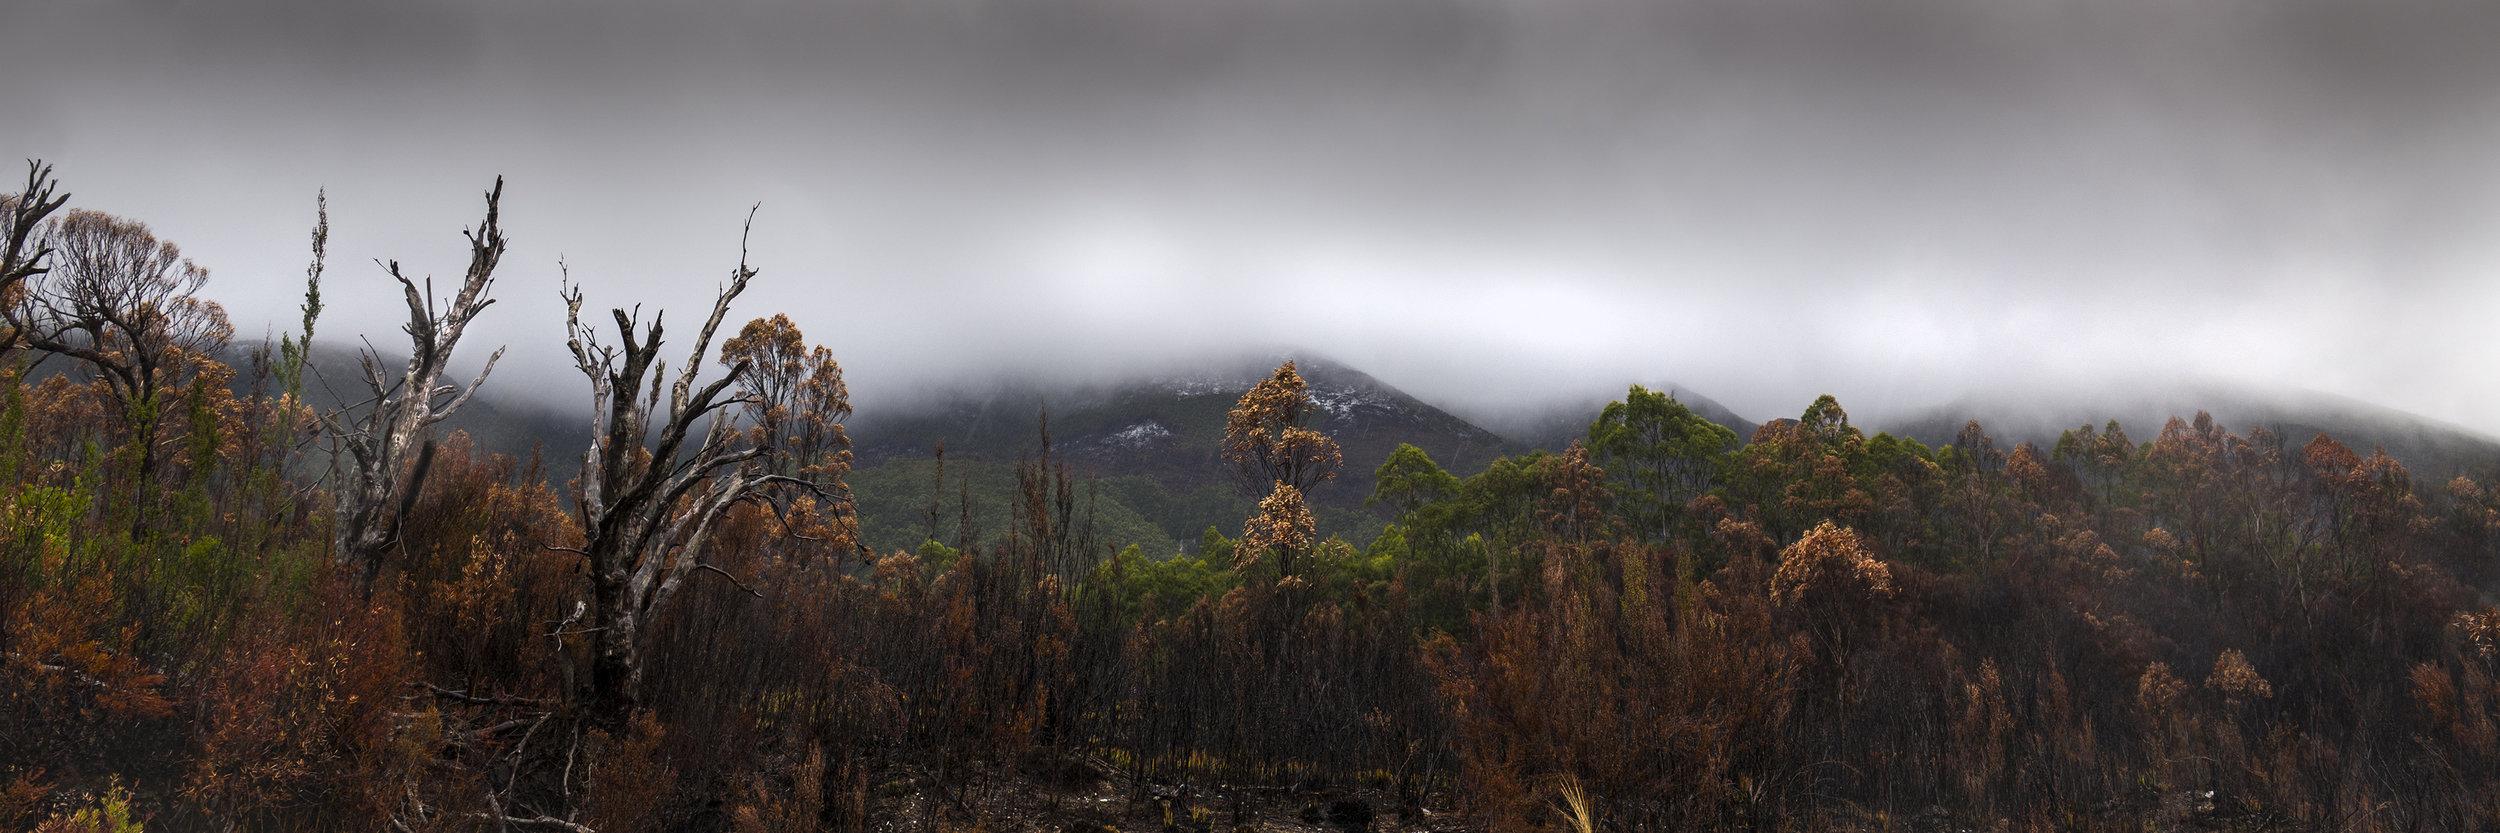 Fire Mist